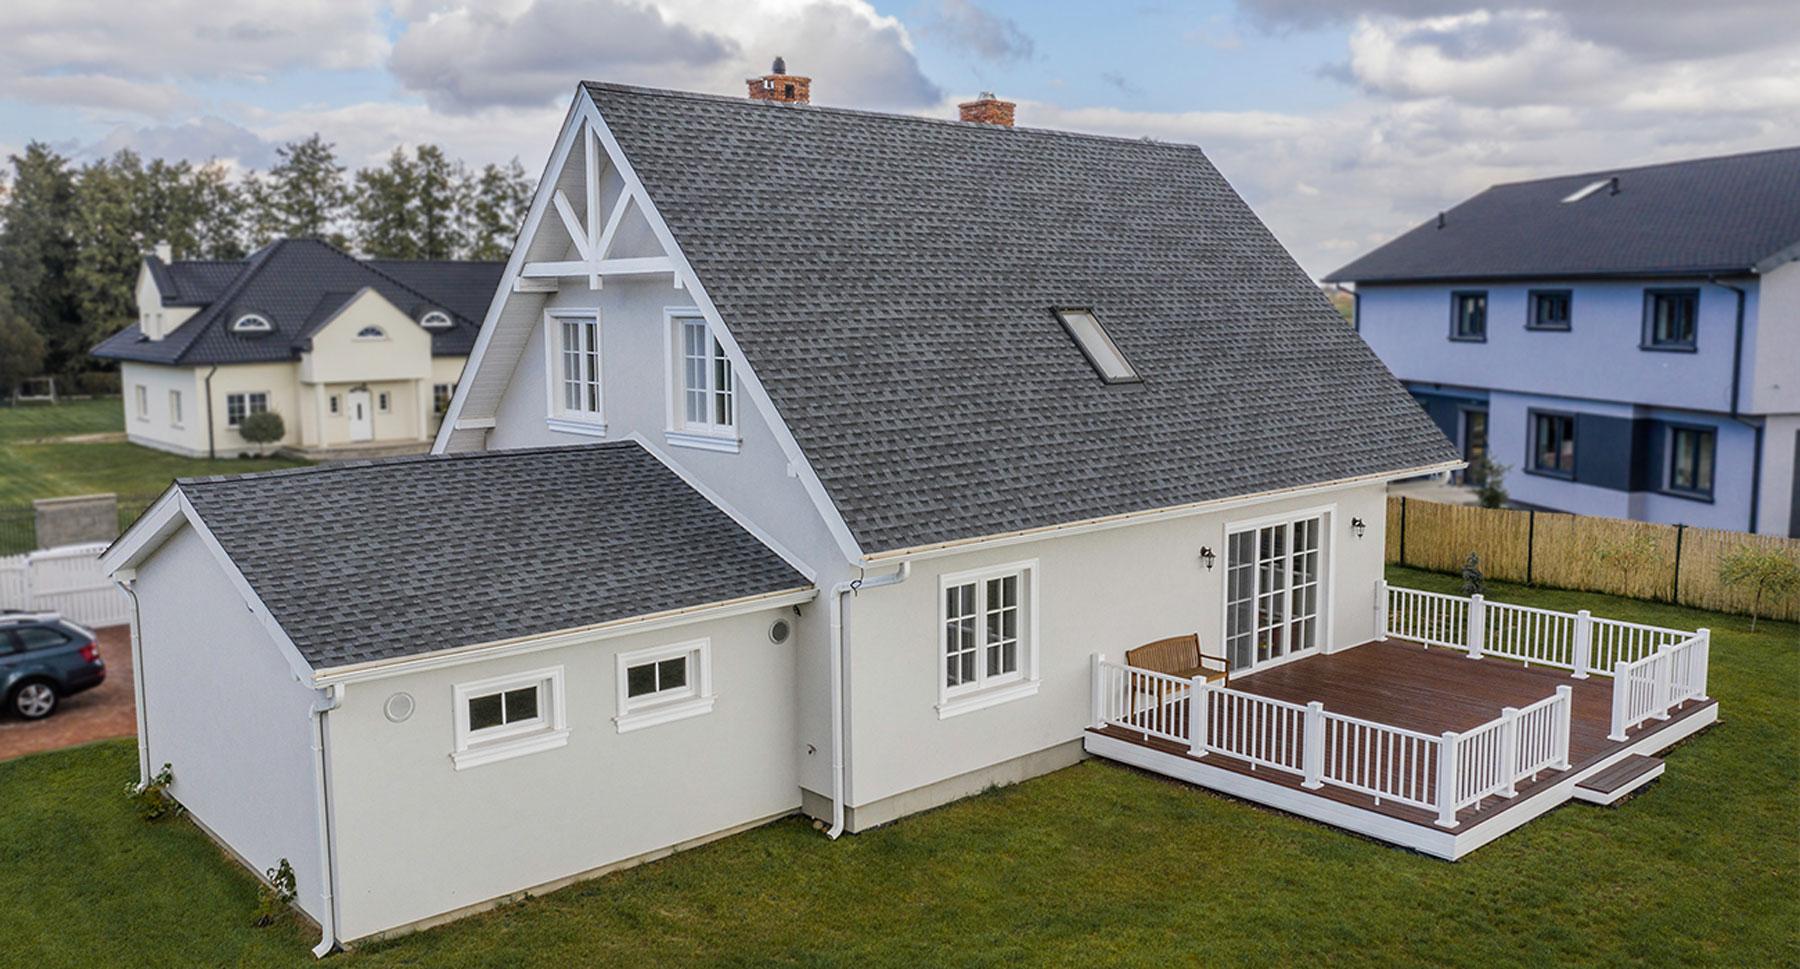 nowoczesny dom parterowy pokryty amerykańskim gontem bitumicznym firmy GAF model Timberline HD w kolorze Pewter Gray szary